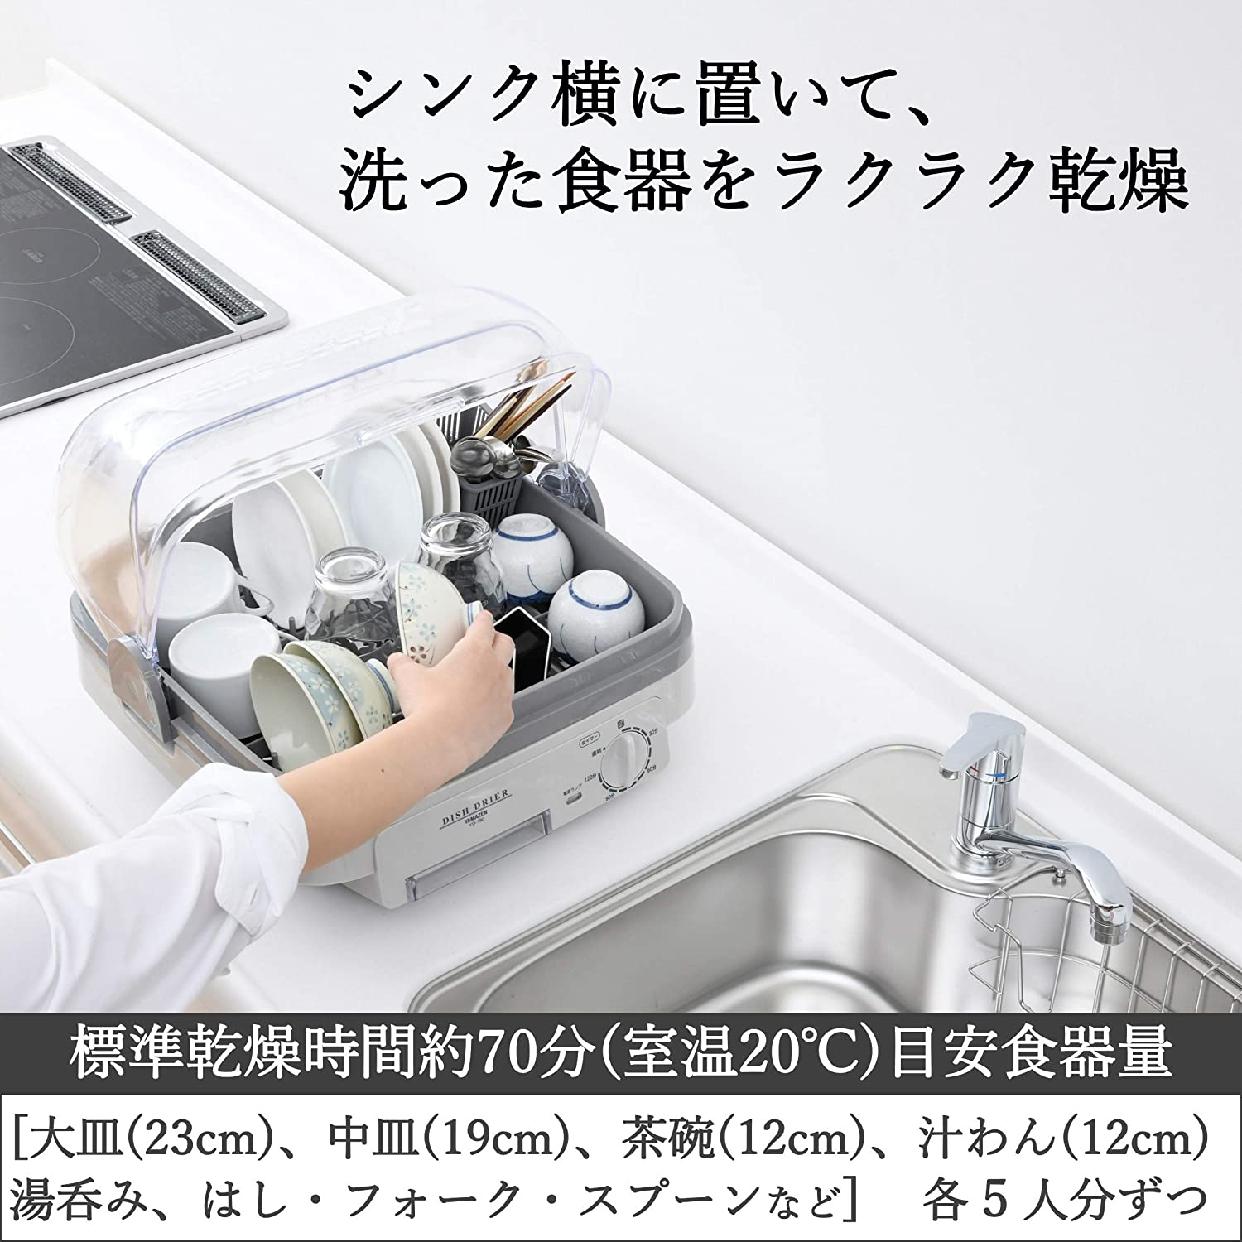 山善(YAMAZEN) 食器乾燥機 YD-180の商品画像6